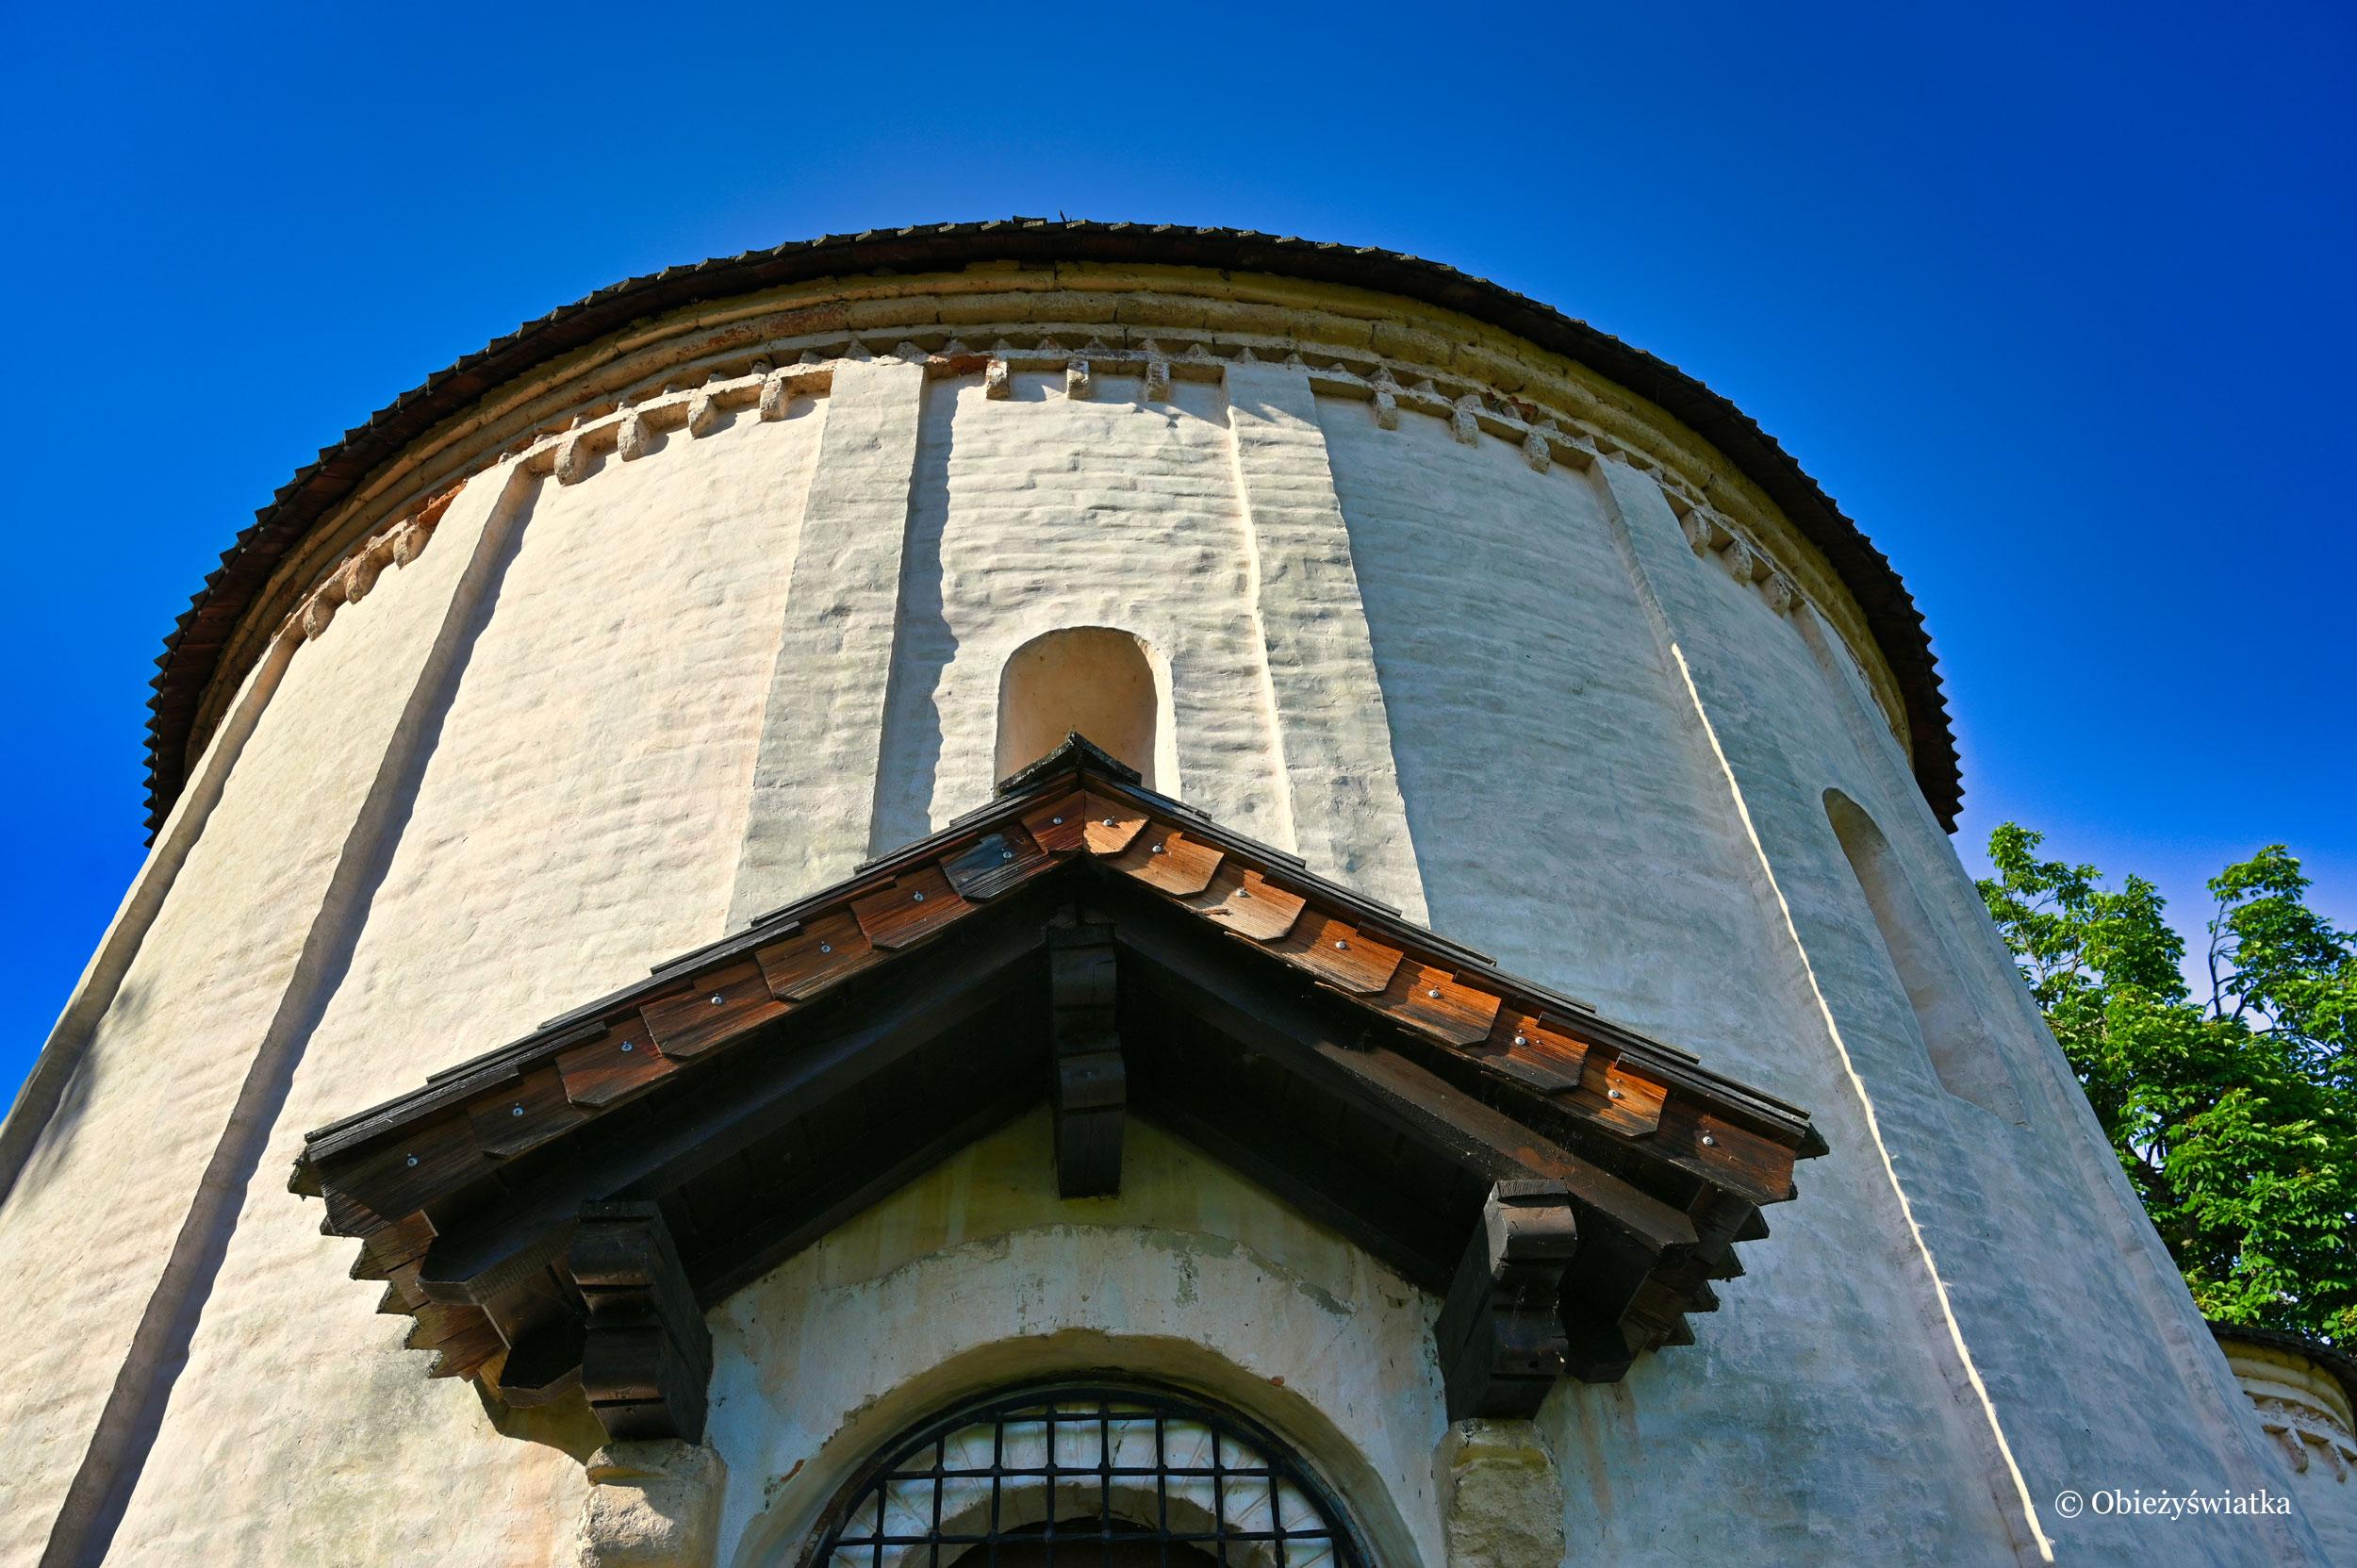 Wejście - Rotunda św. Mikołaja, Selo